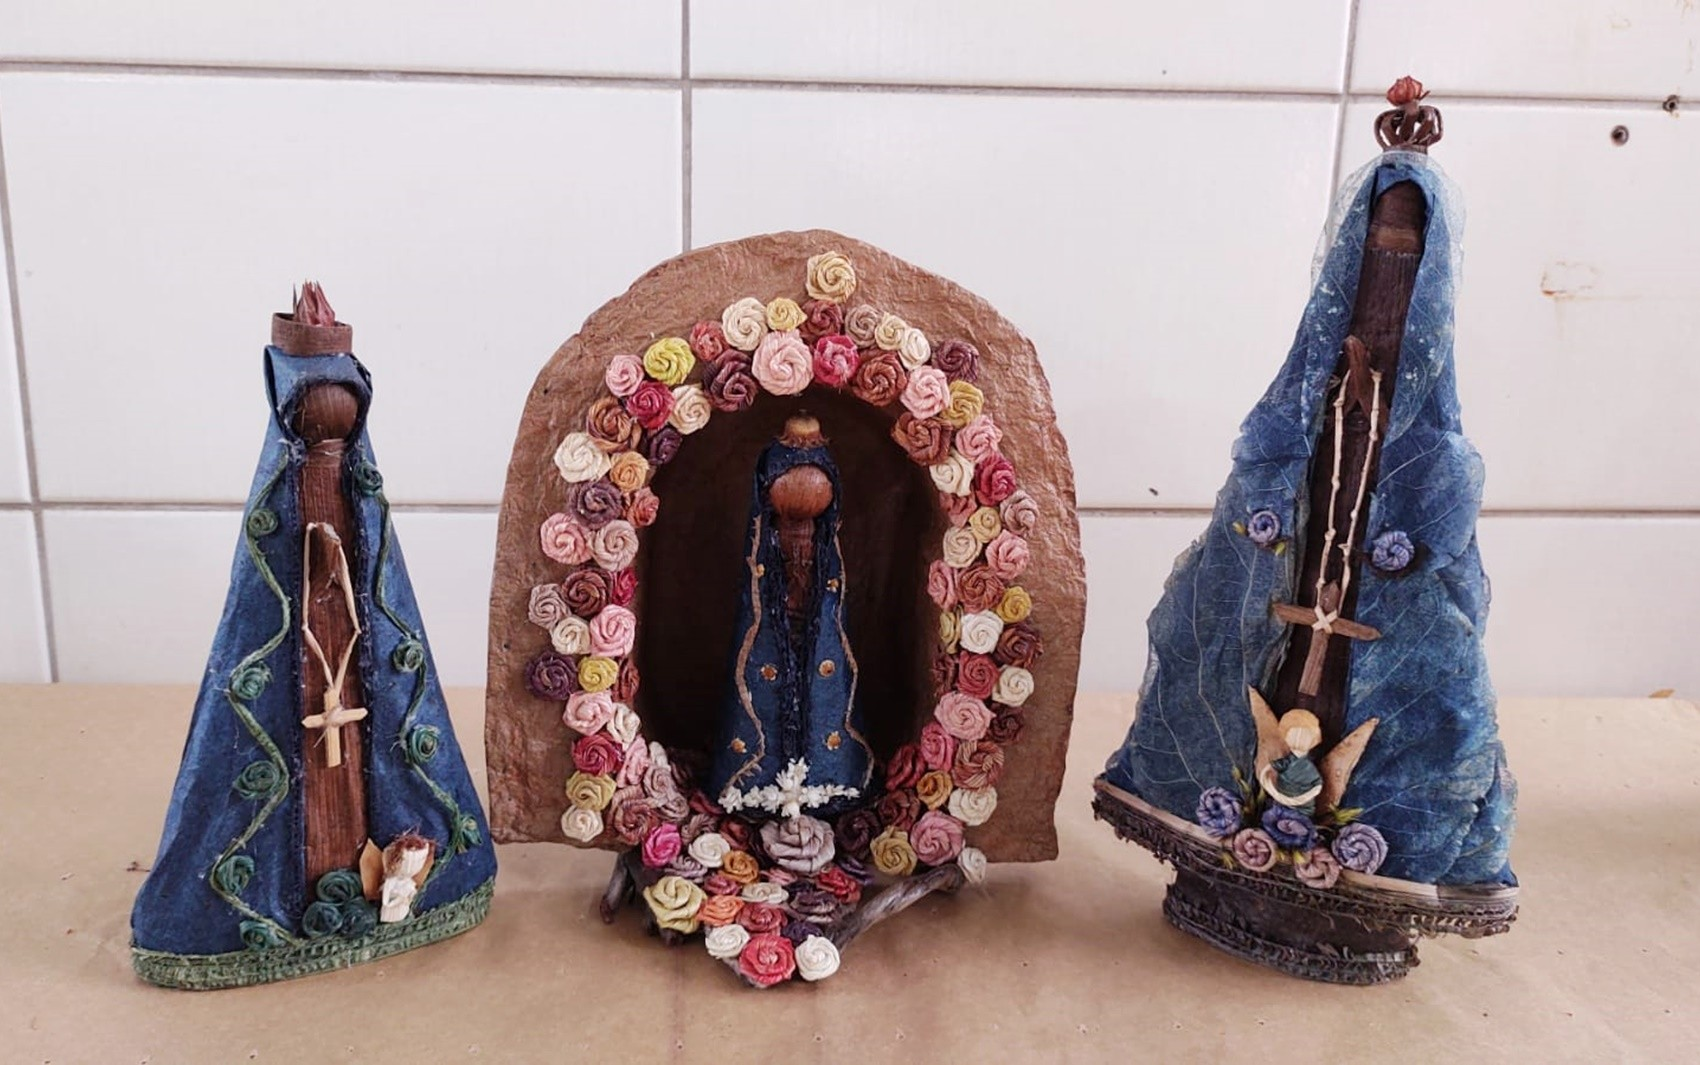 Artesãs produzem mais de 60 'Nossas Senhoras' com fibras de bananeira para exposição no dia da padroeira em MG